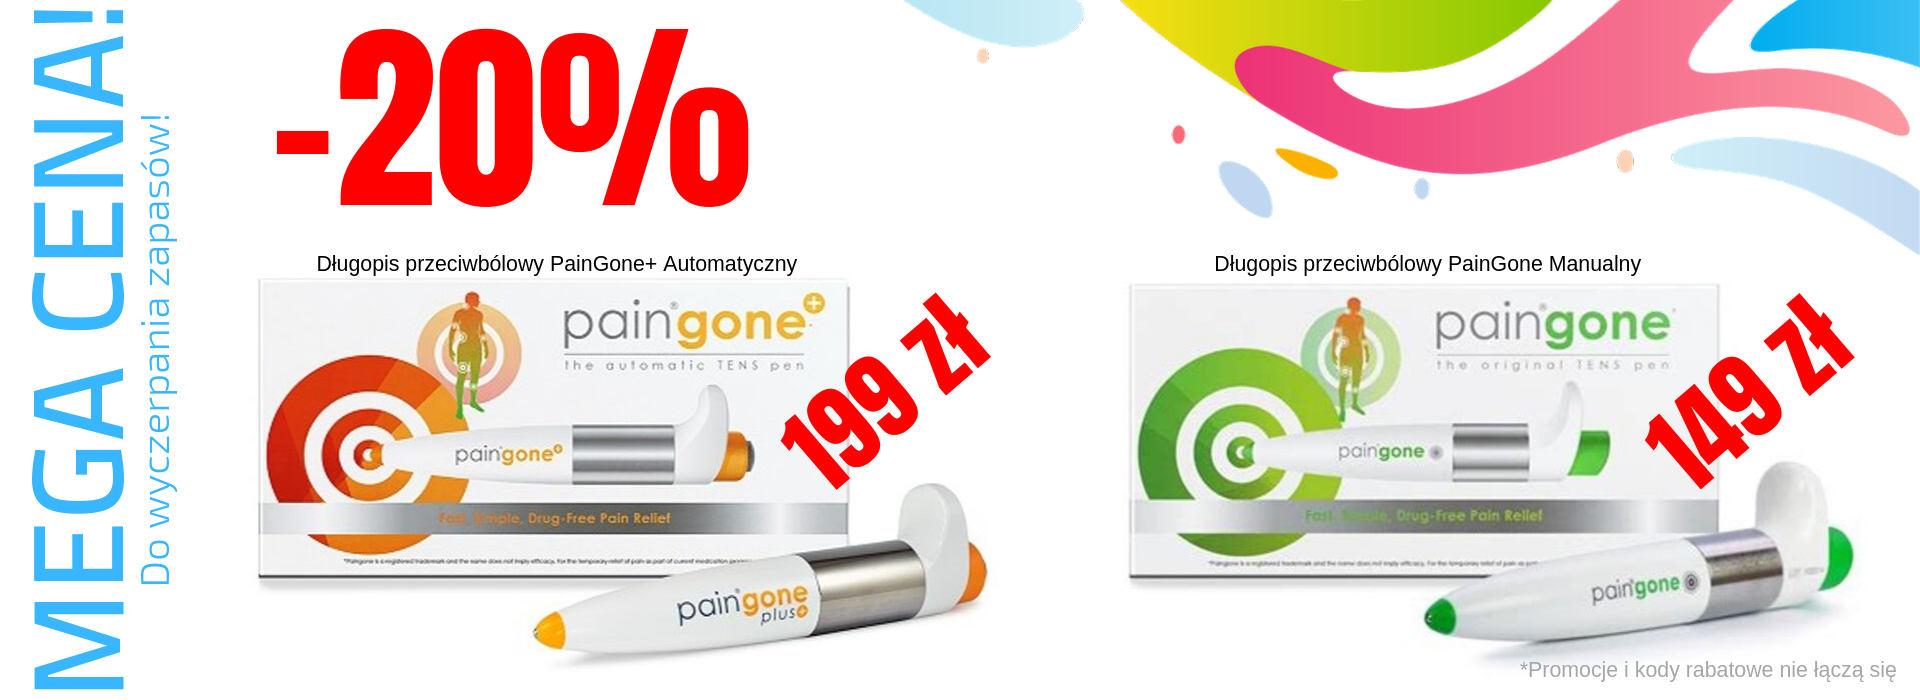 Długopis przeciwbólowy PainGone w super promocji